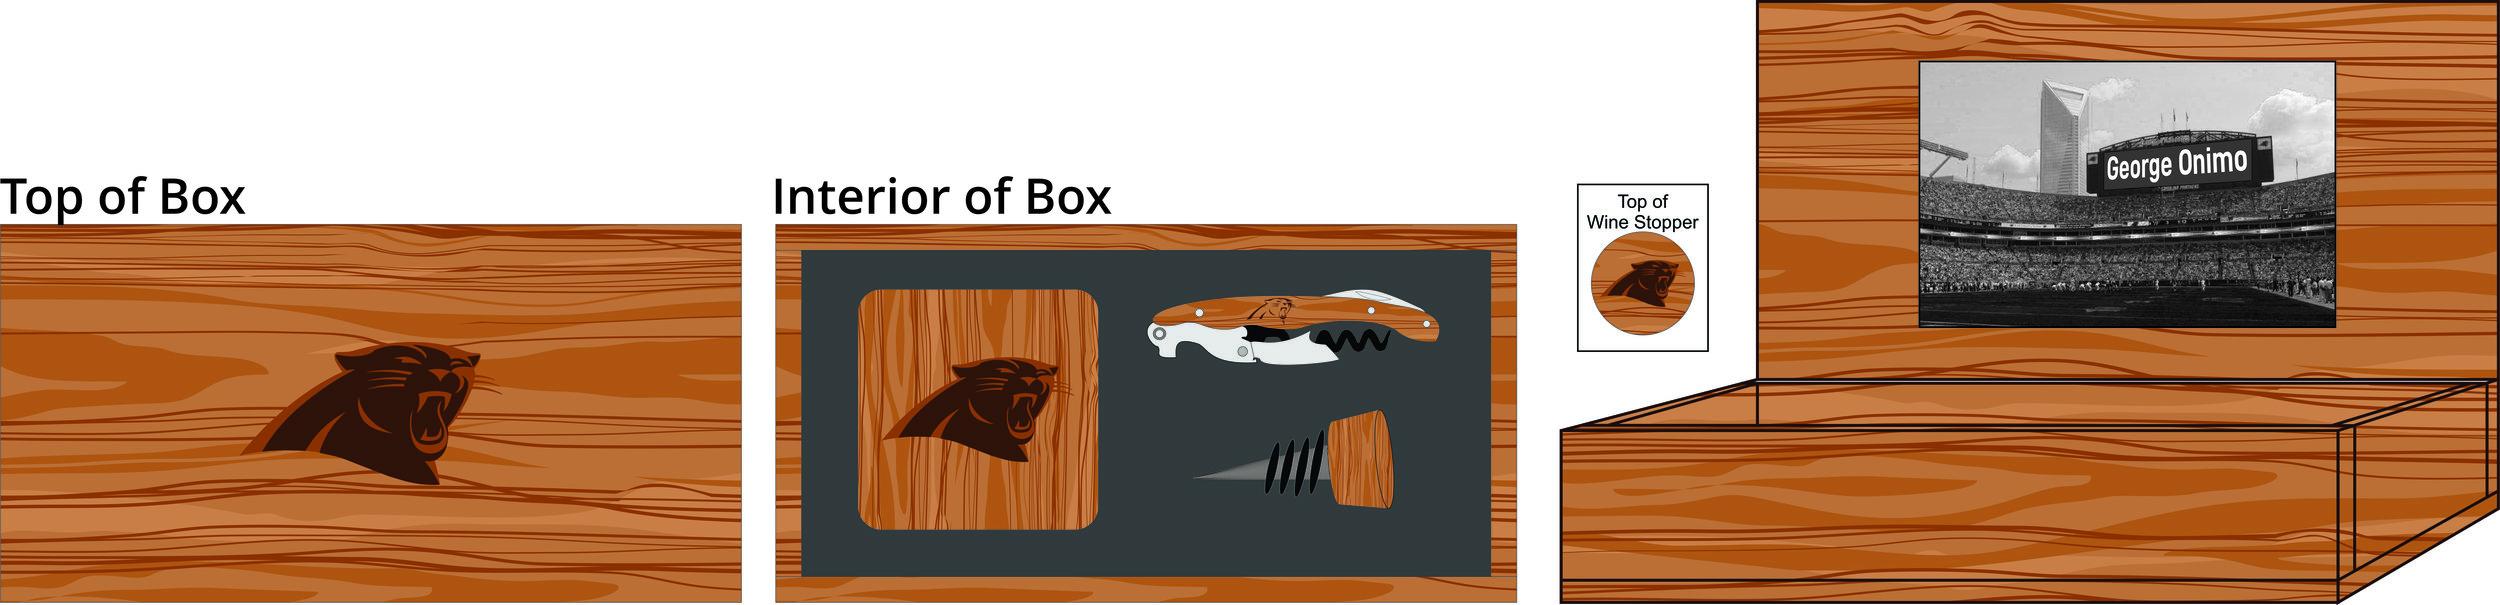 Hardwood Coasters, Wine Stopper & Wine Key Box